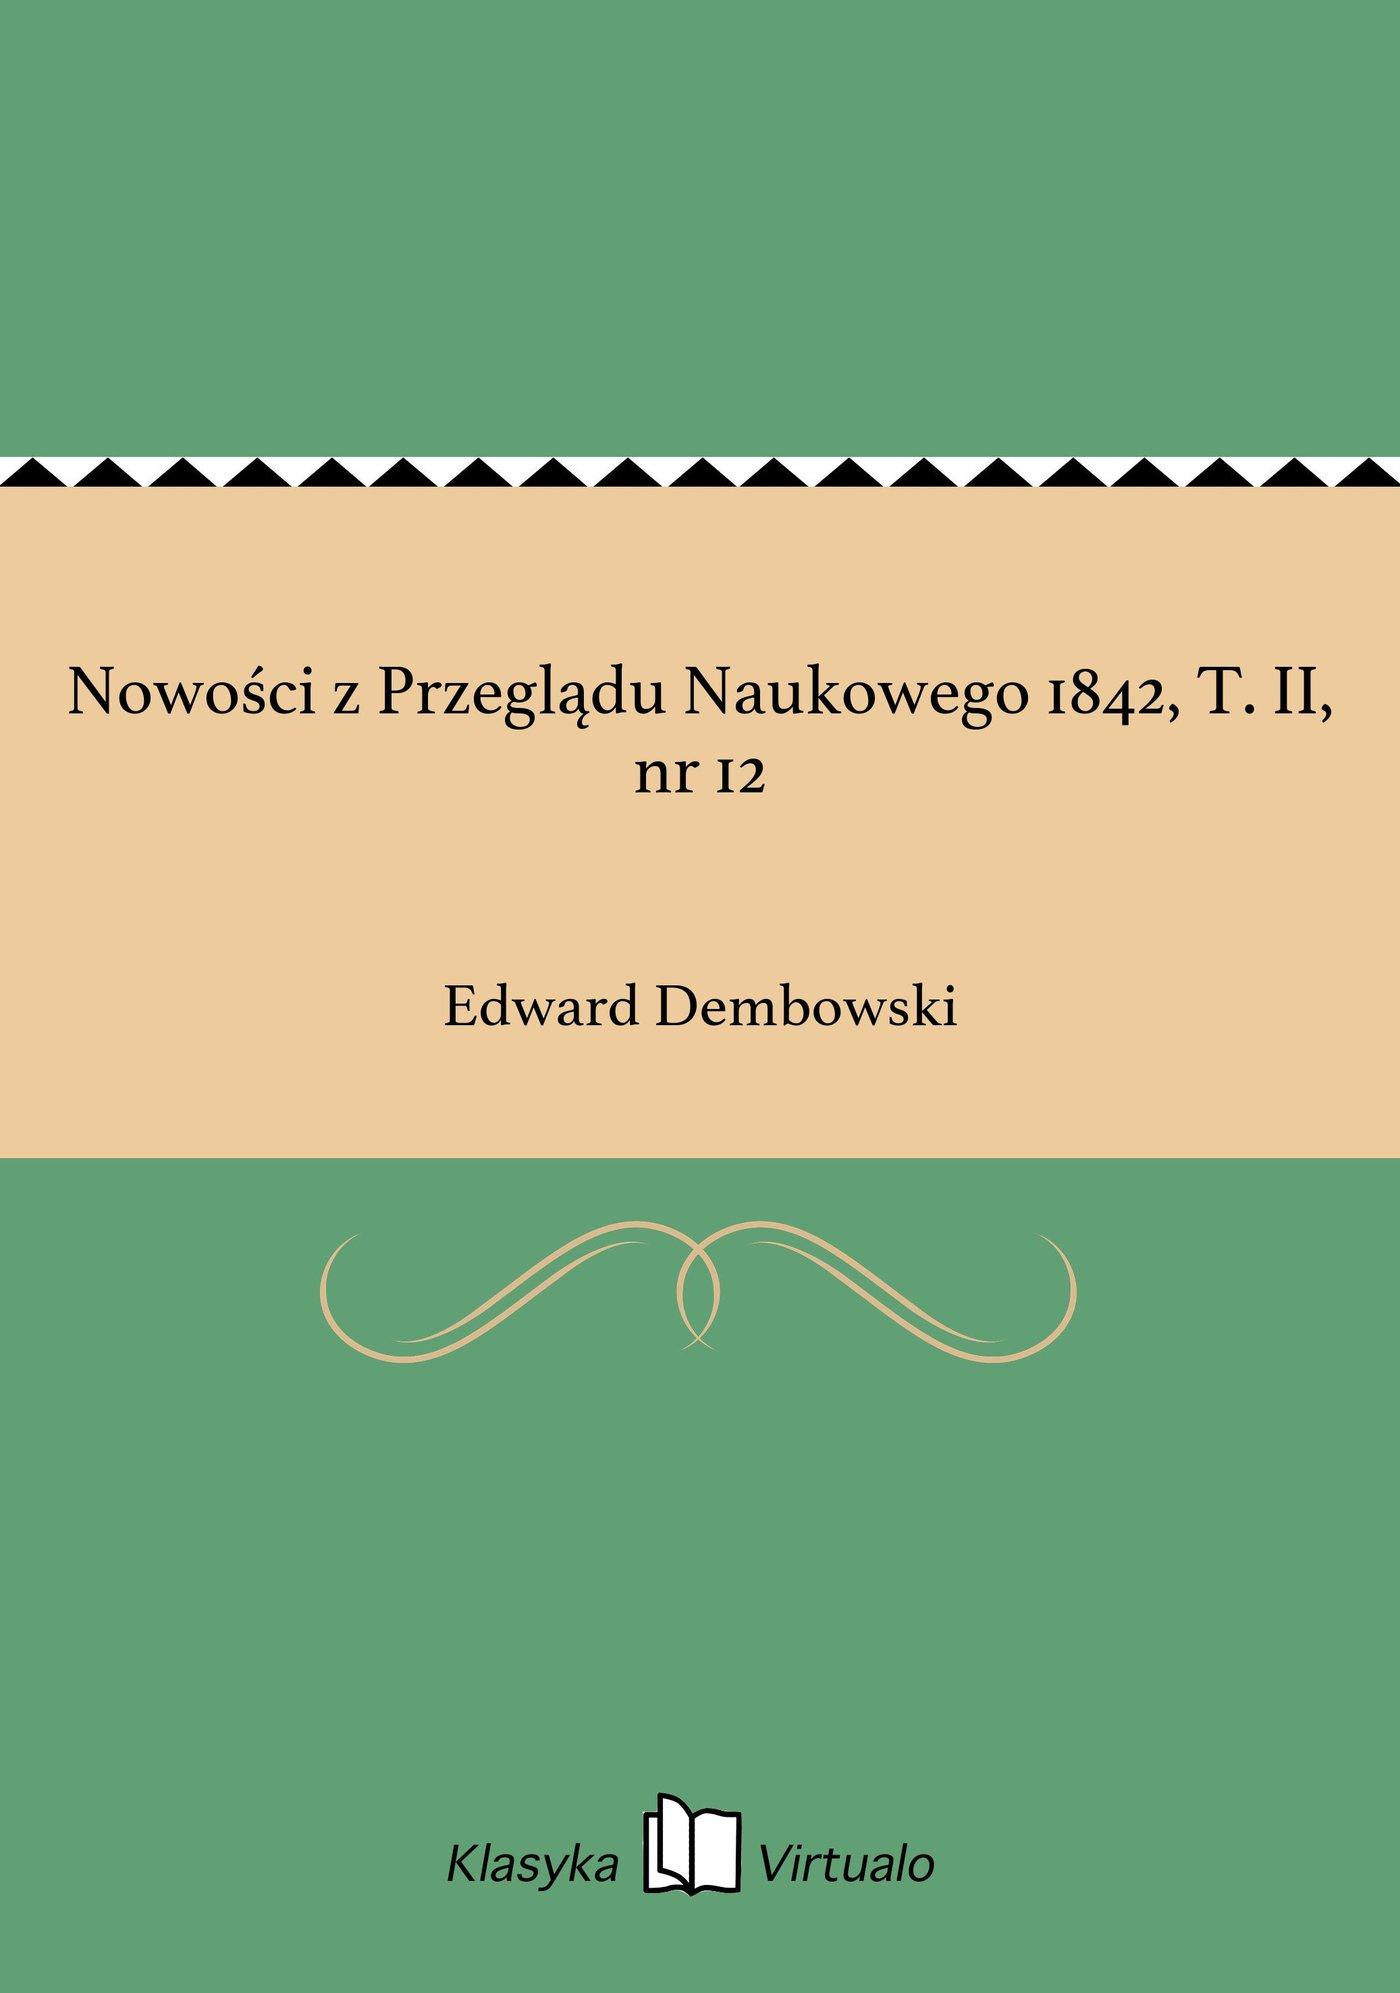 Nowości z Przeglądu Naukowego 1842, T. II, nr 12 - Ebook (Książka EPUB) do pobrania w formacie EPUB